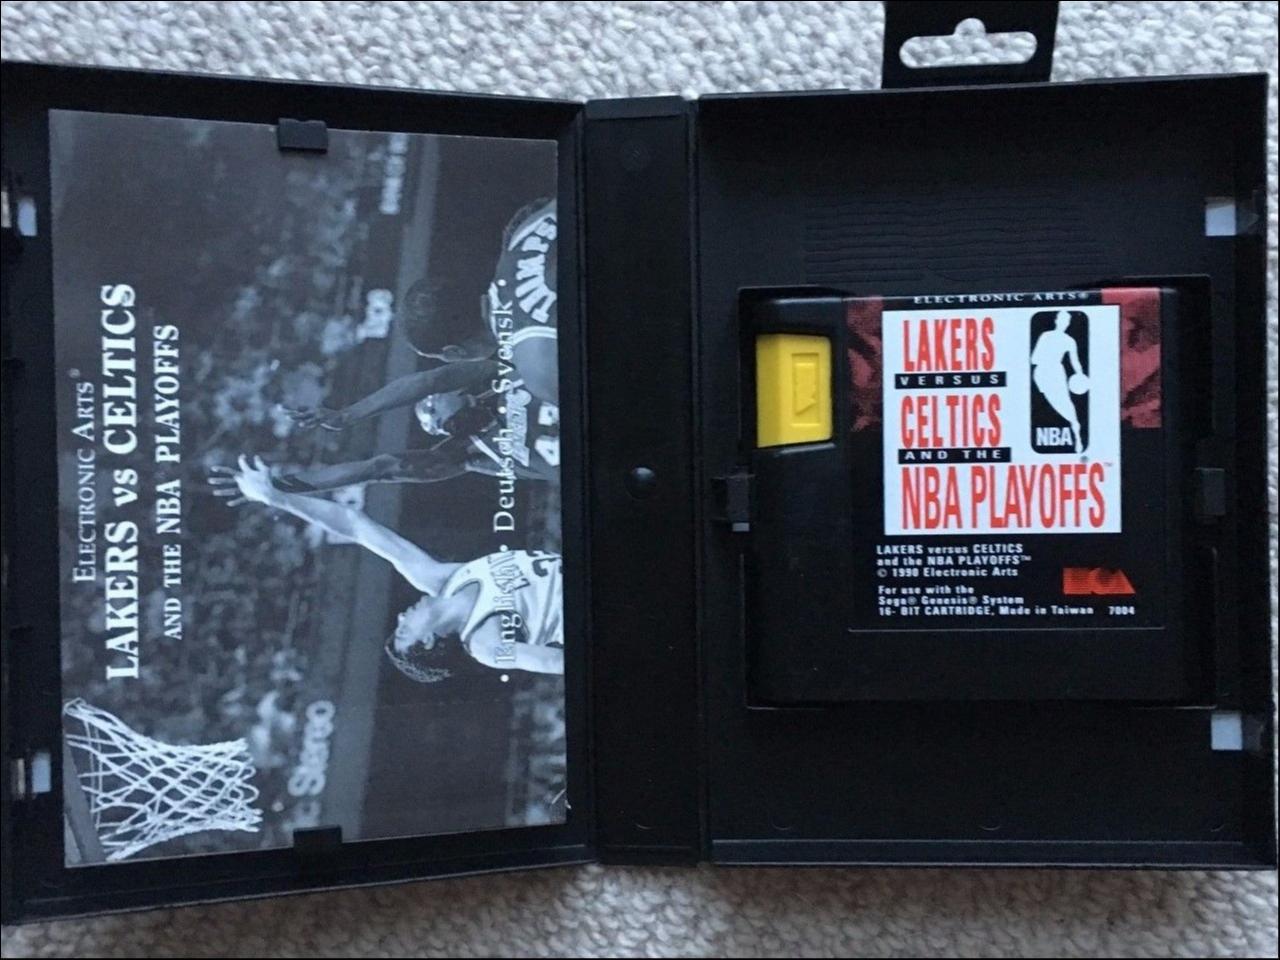 sega-mega-drive-lakers-vs-celtics-6-1498916558.jpg